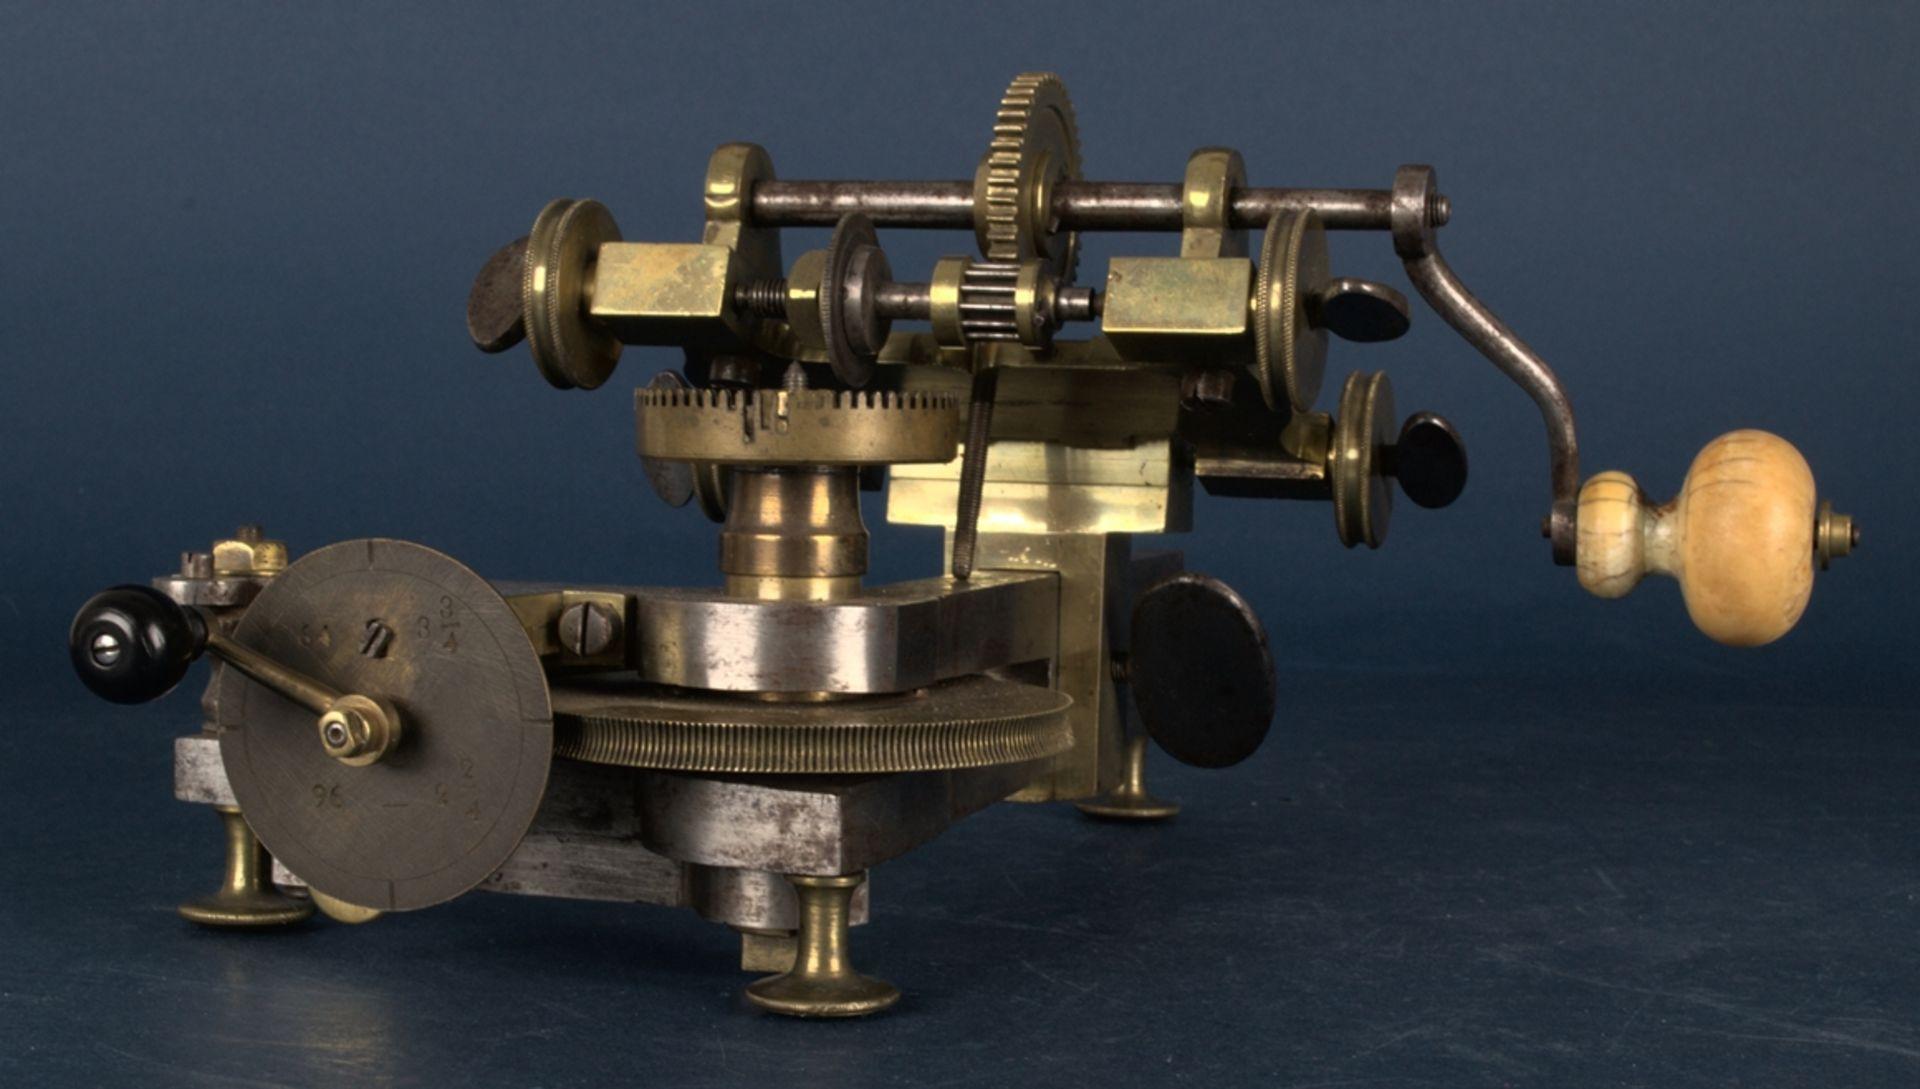 Zahnradfräsmaschine/Zahnräderschneidemaschine, frühes Uhrmacherwerkzeug, deutsch Mitte 18. Jhd., - Bild 16 aus 29